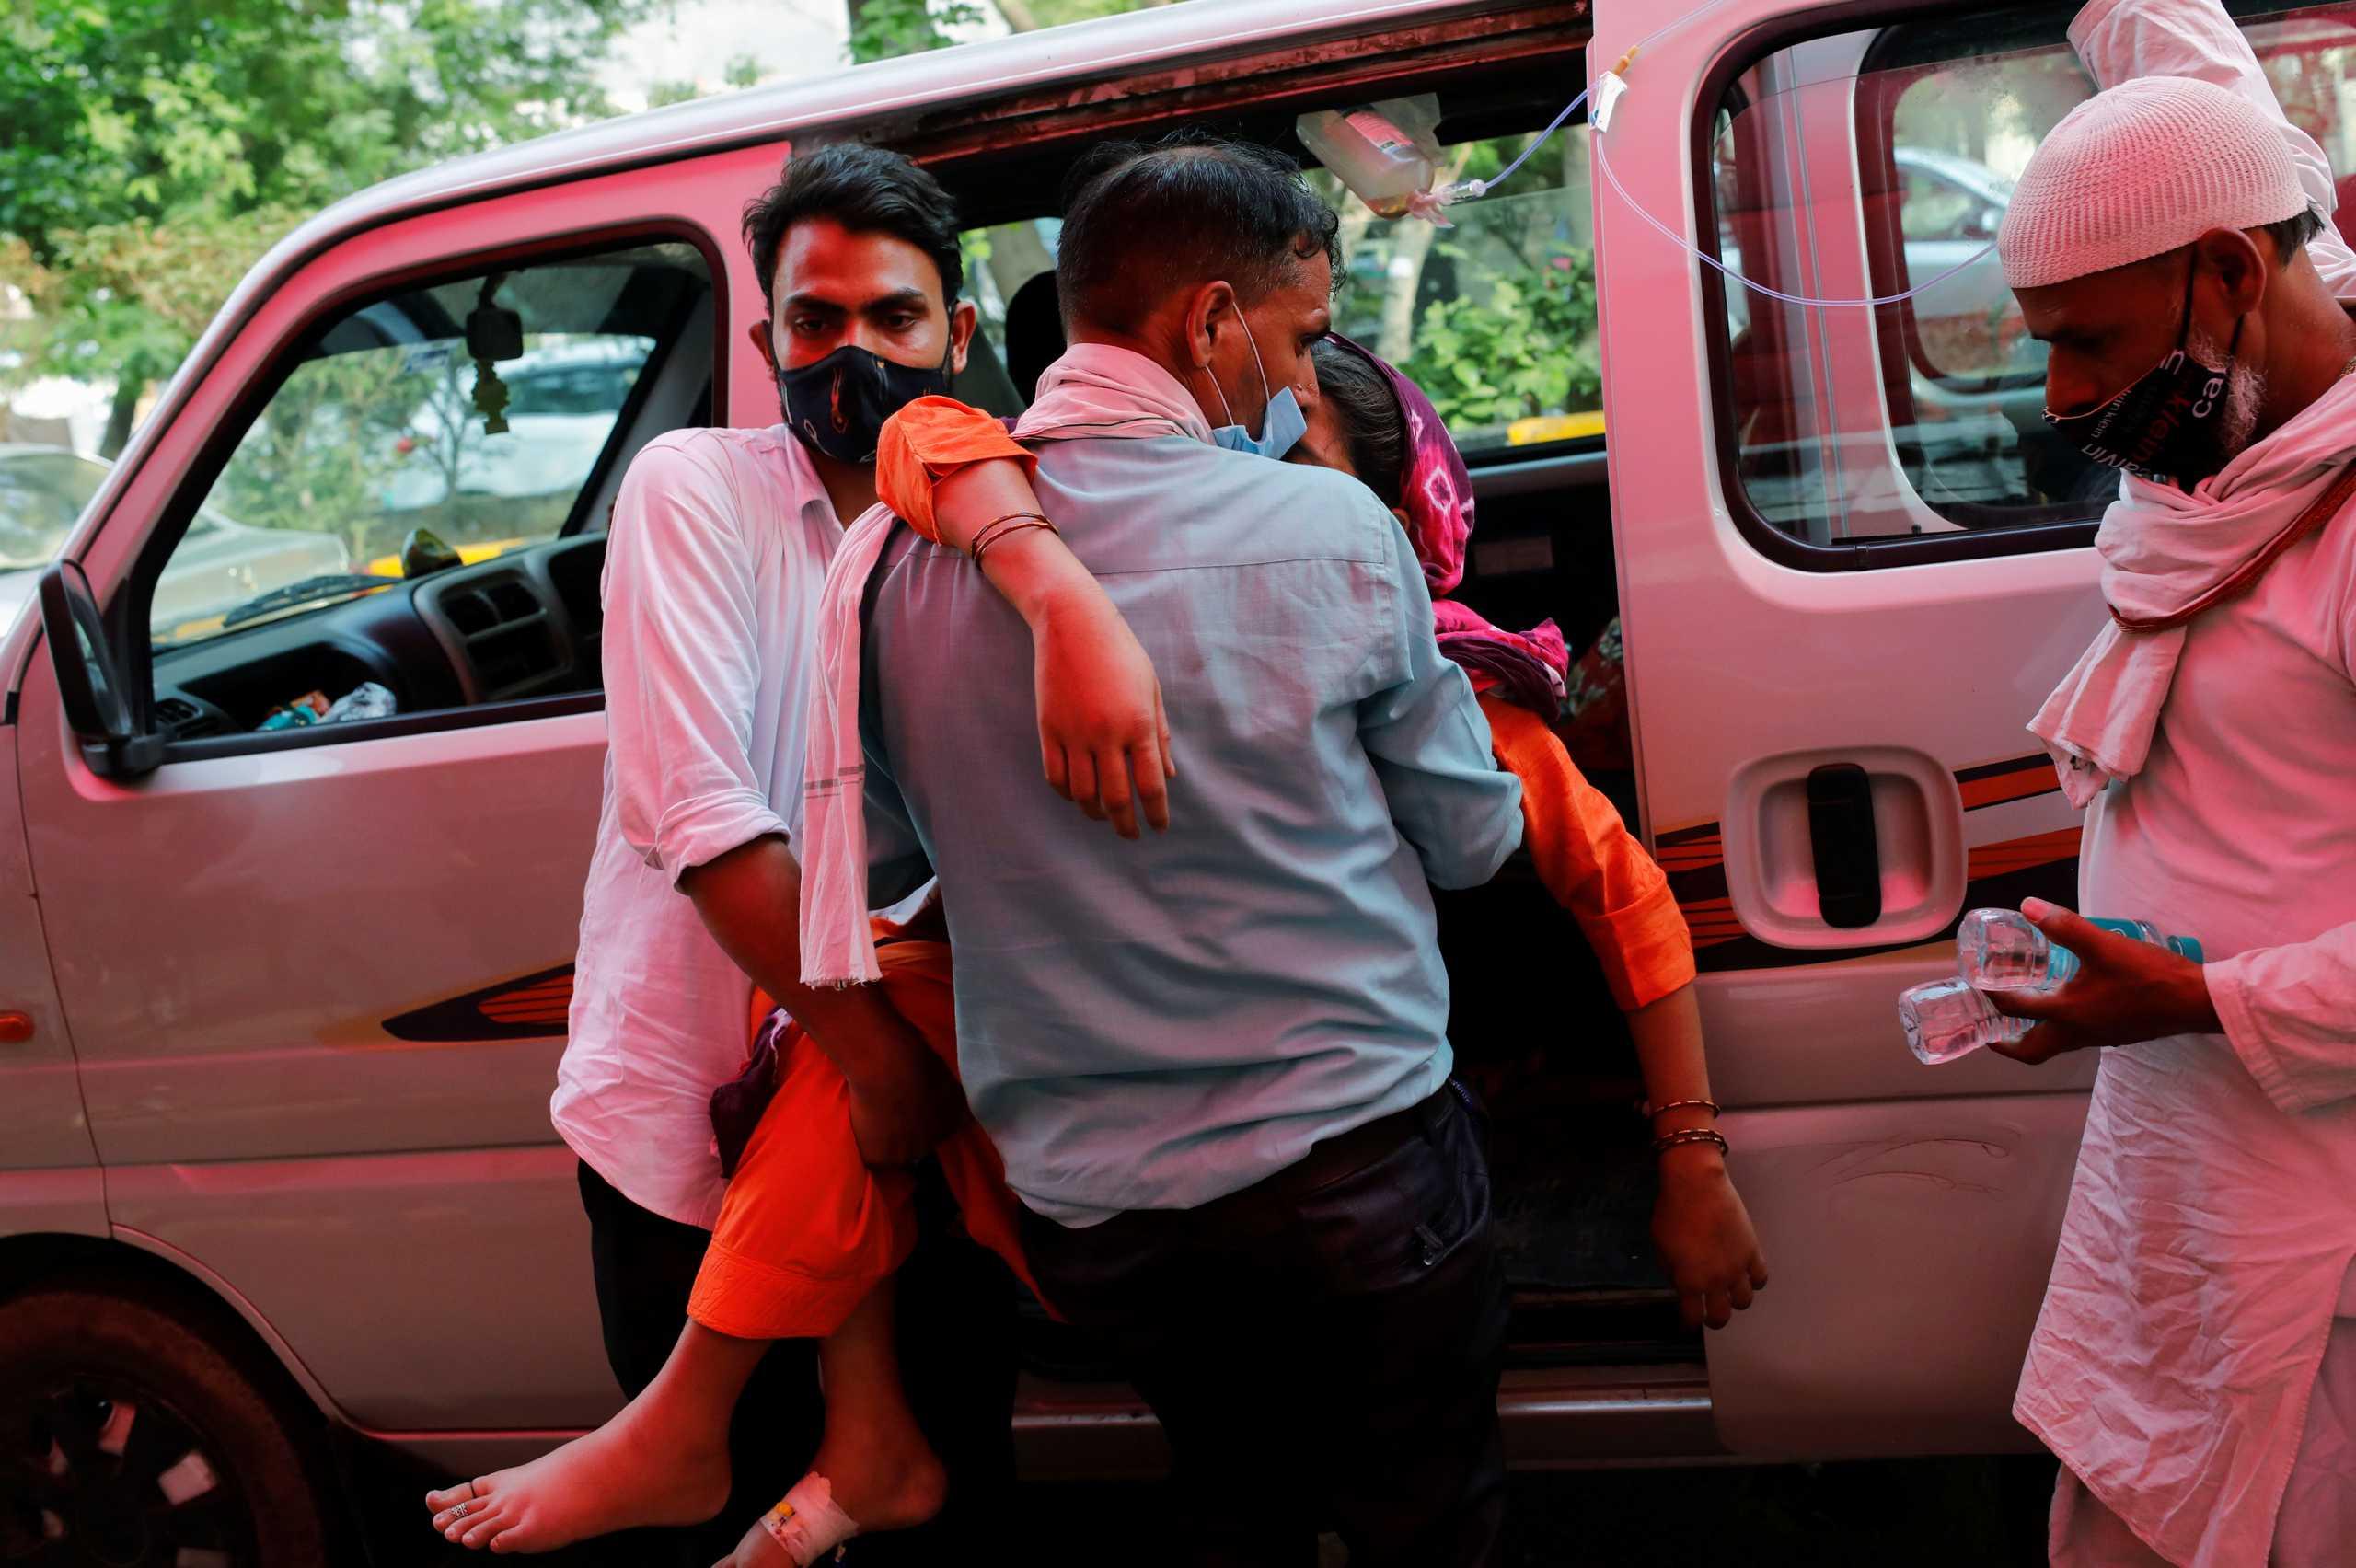 Φάουτσι: Μόνο με lockdown πολλών εβδομάδων θα αντιμετωπιστεί η κατάσταση στην Ινδία